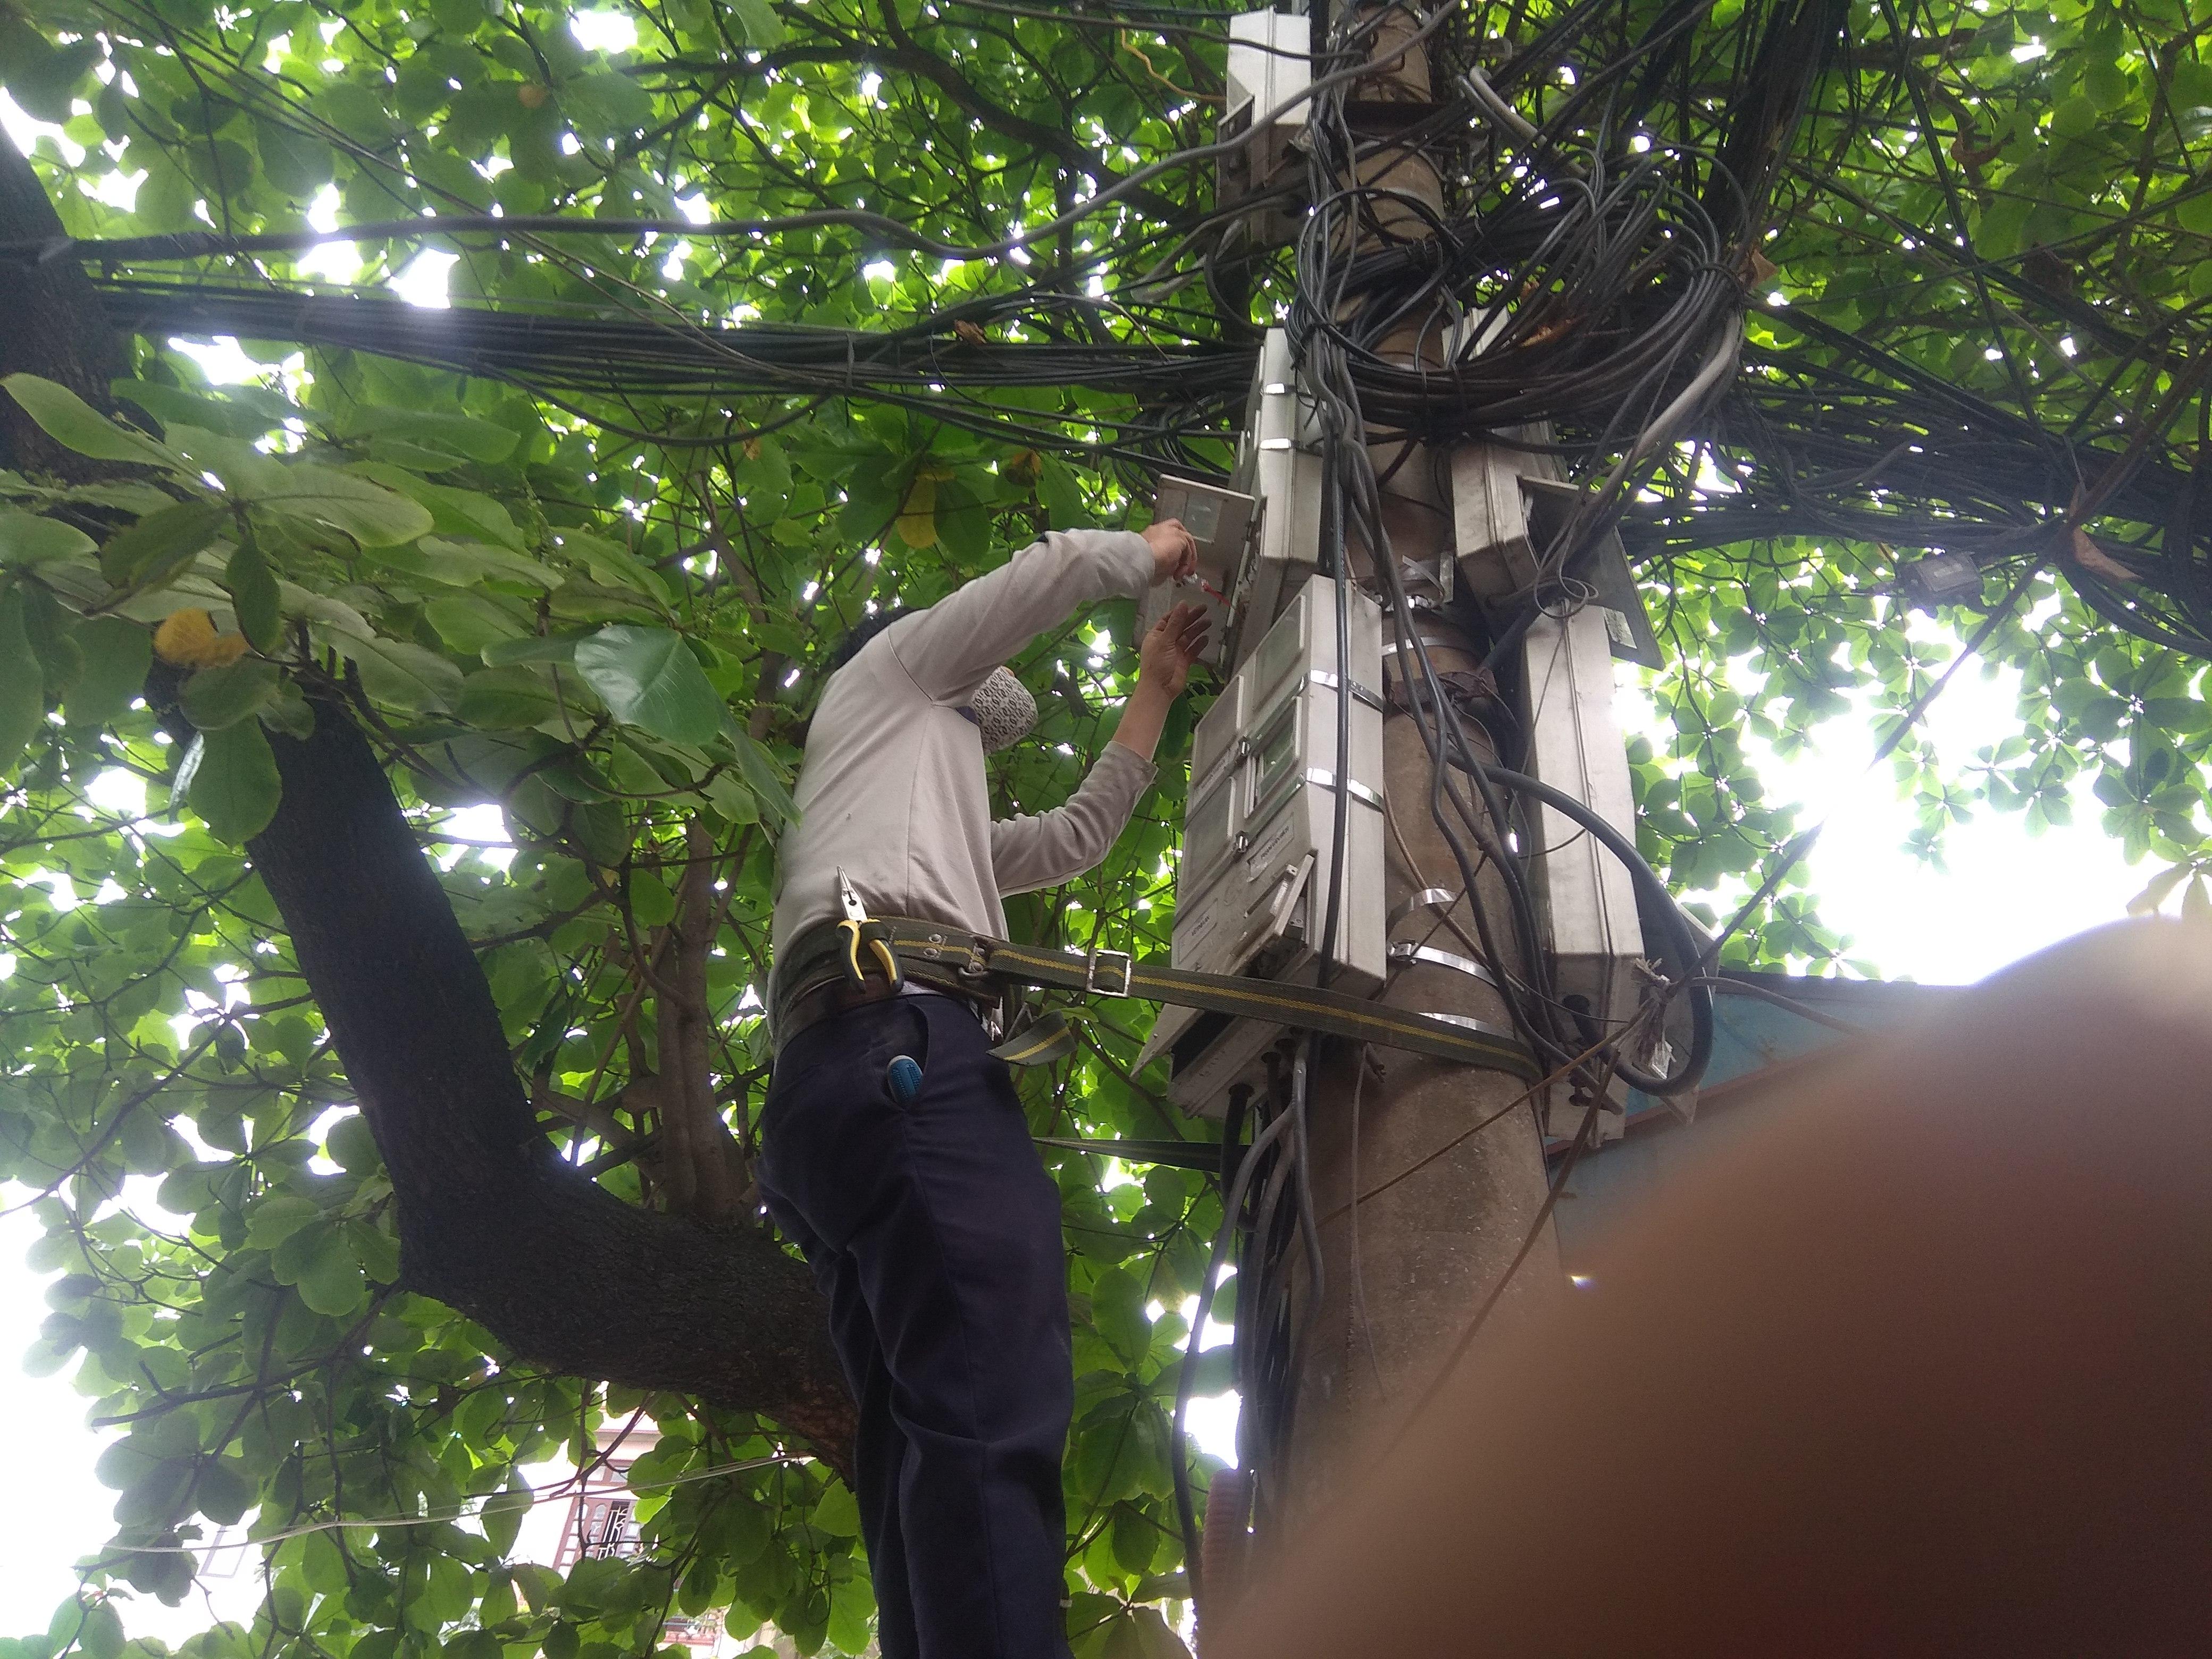 Sửa điện uy tín giá rẻ tại Hải Phòng